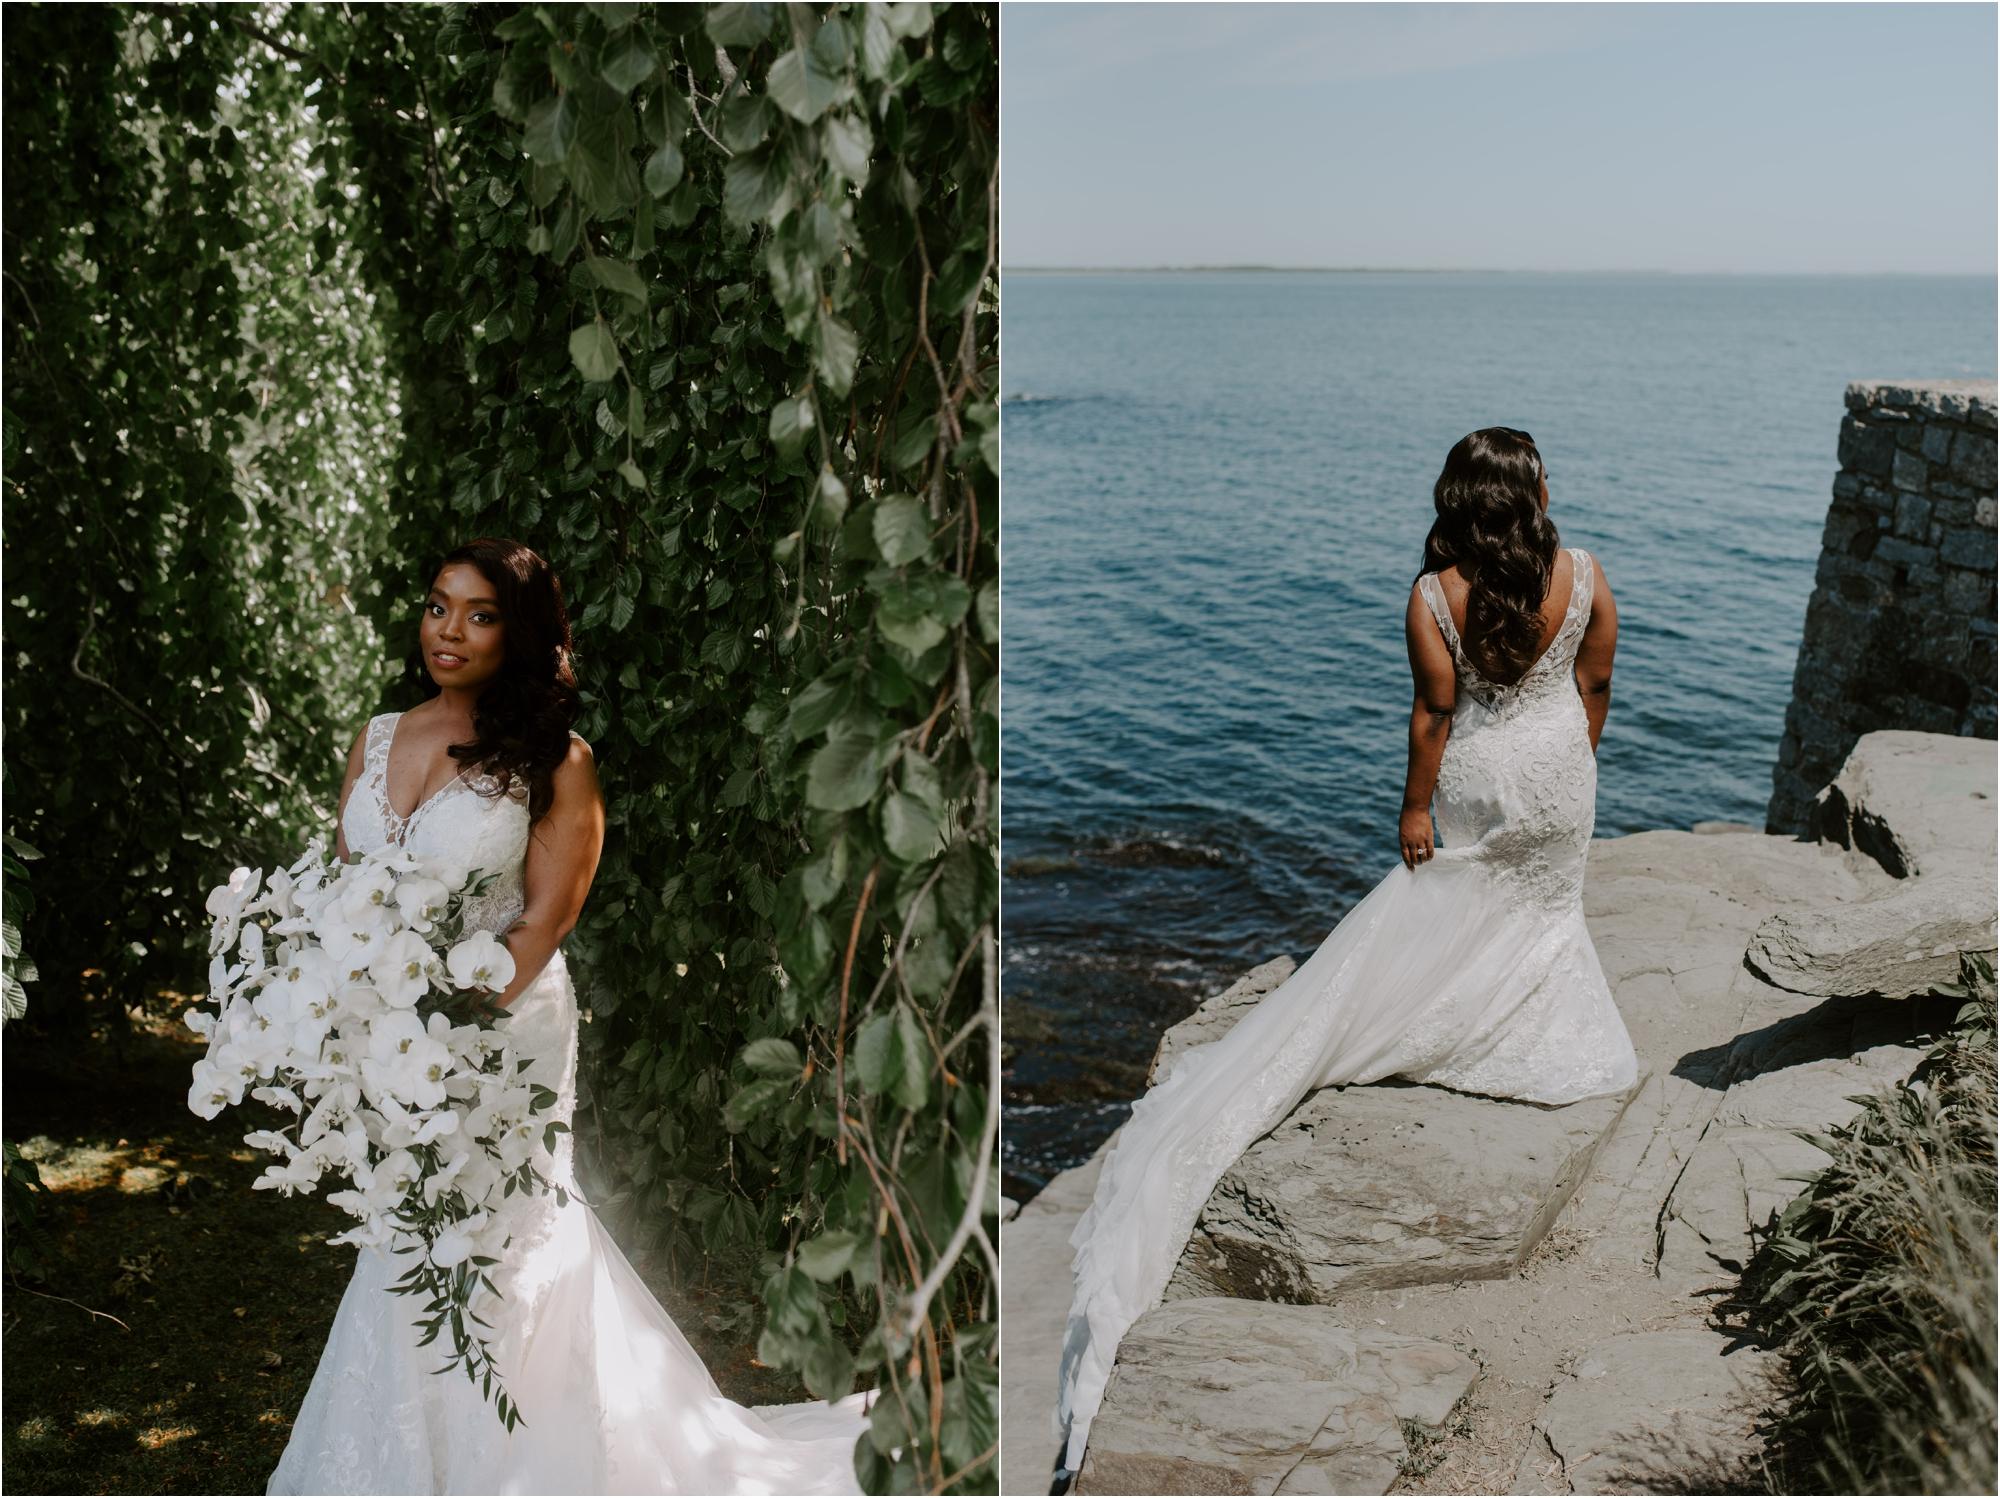 JANELLEANDJULIAN-wedding-madelinerosephotographyco_0016.jpg